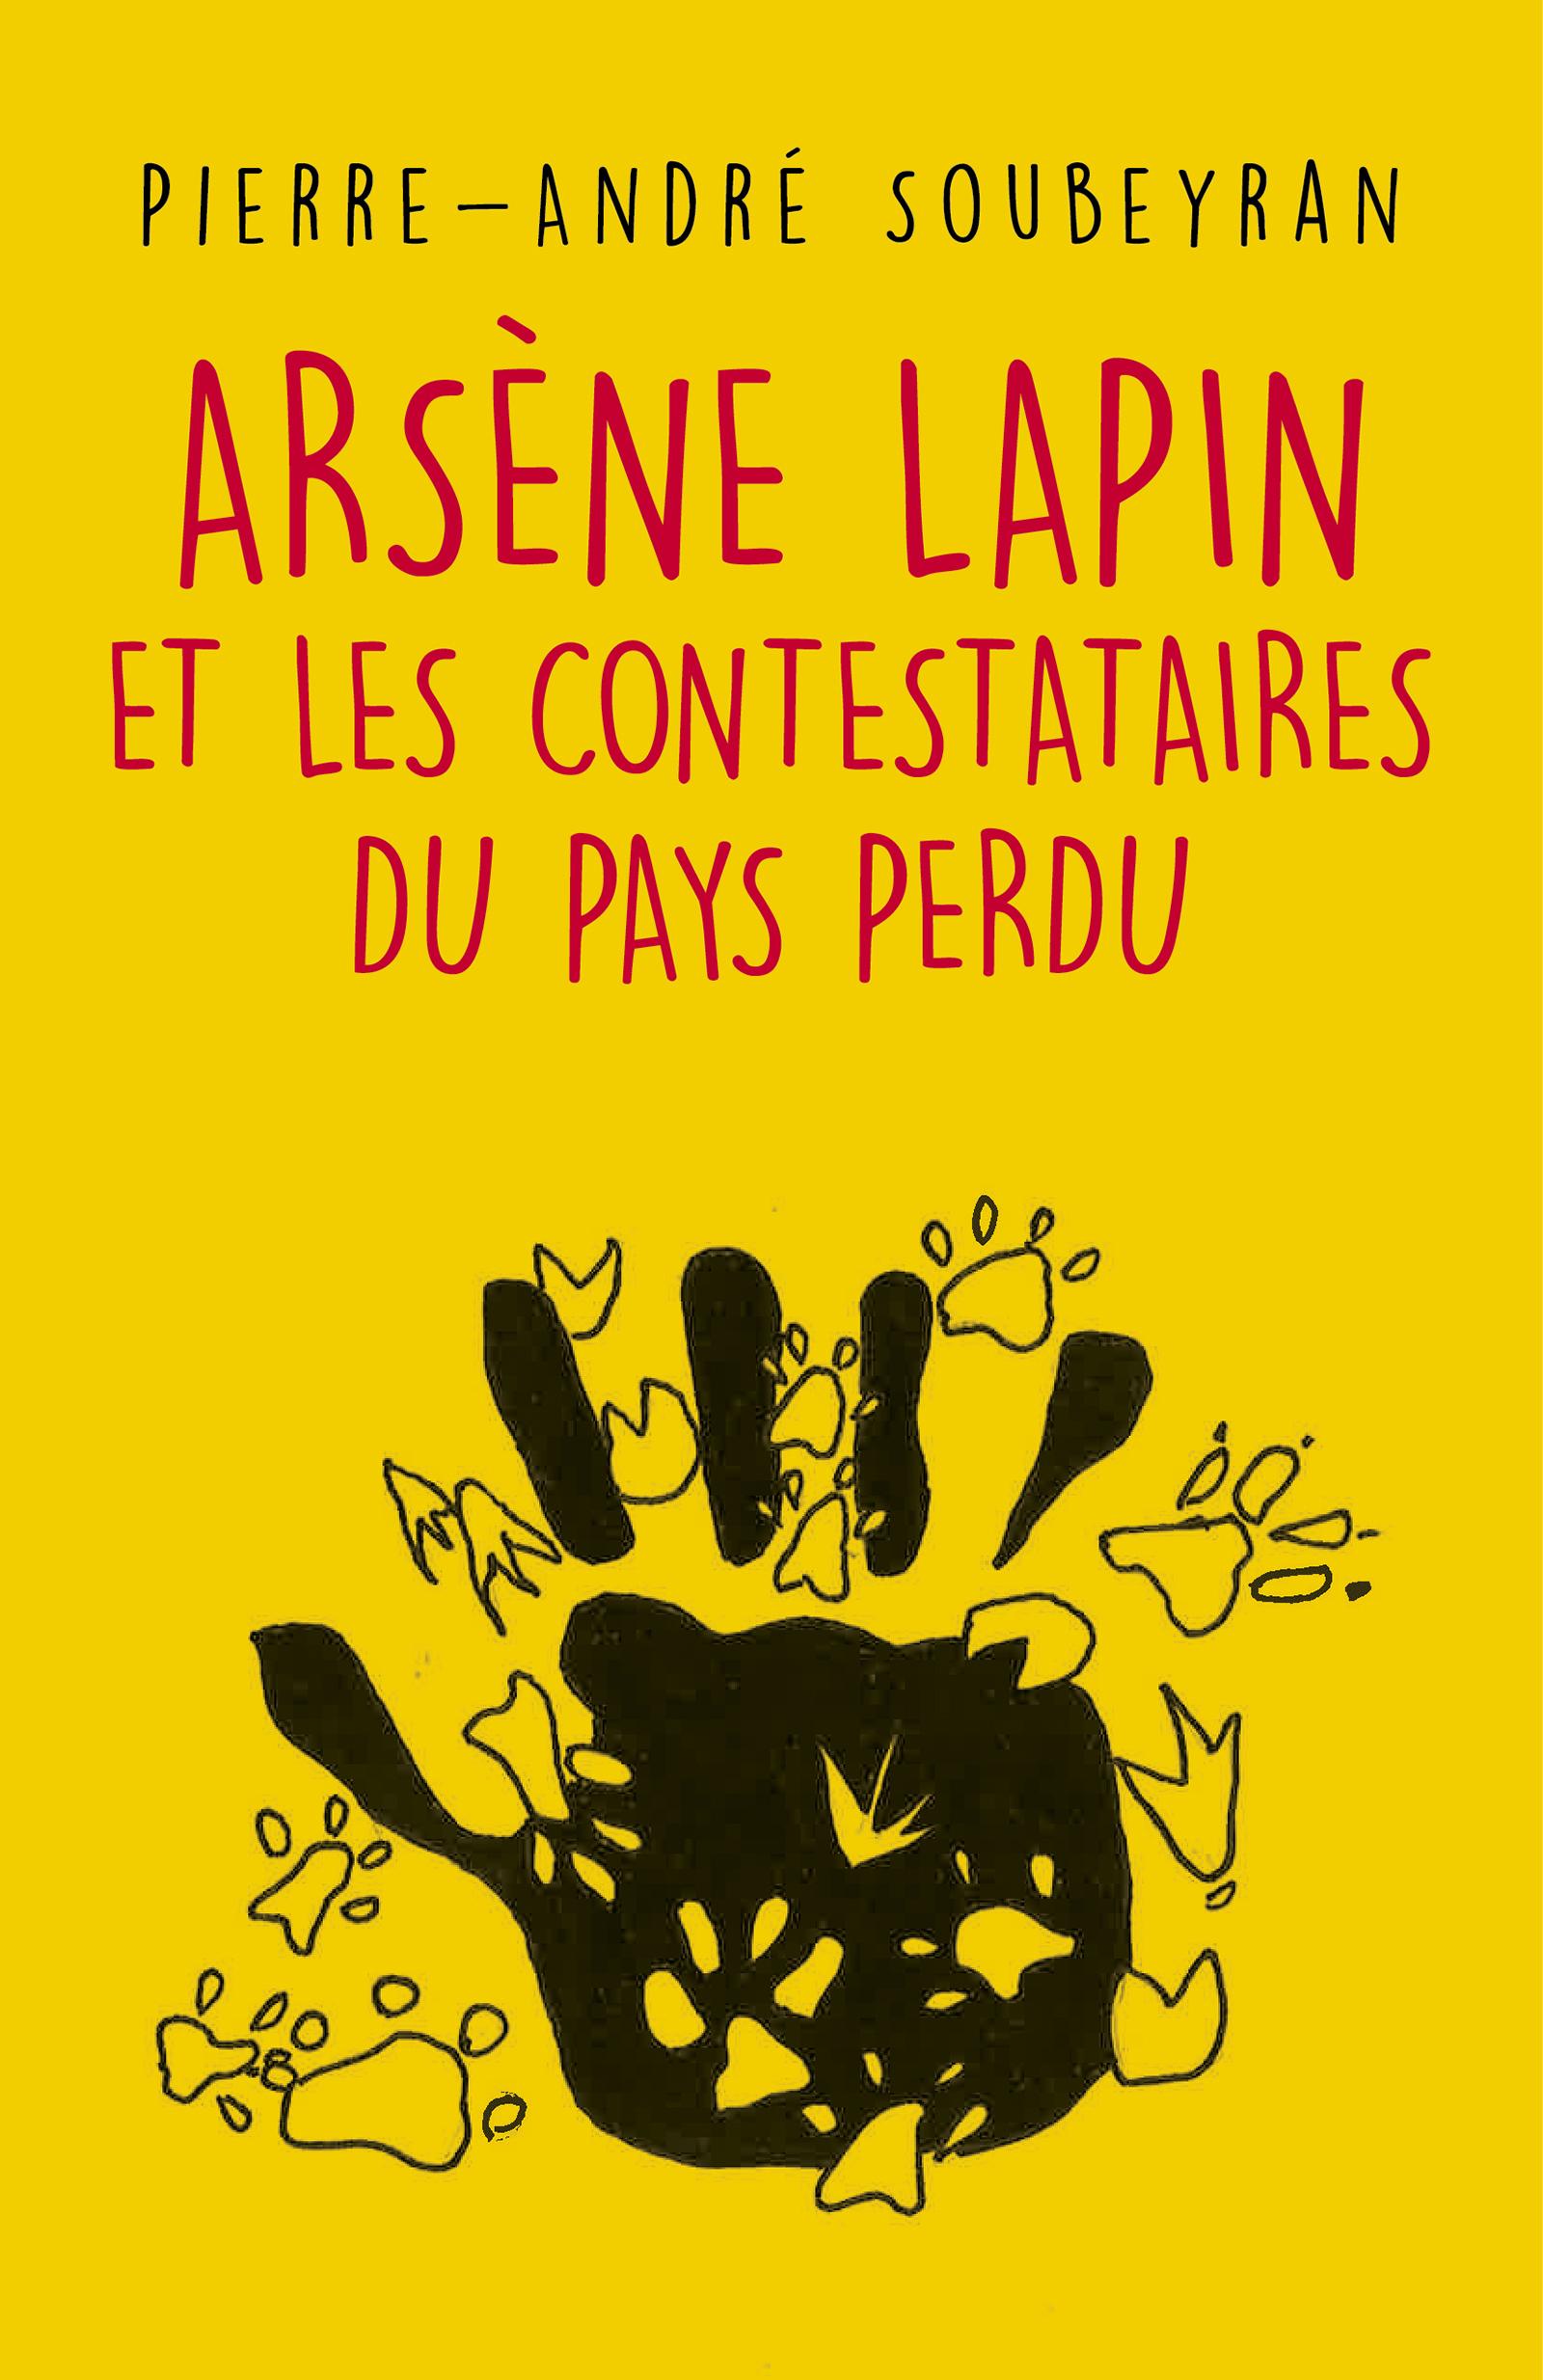 Ars?ne Lapin et les contestataires du Pays Perdu